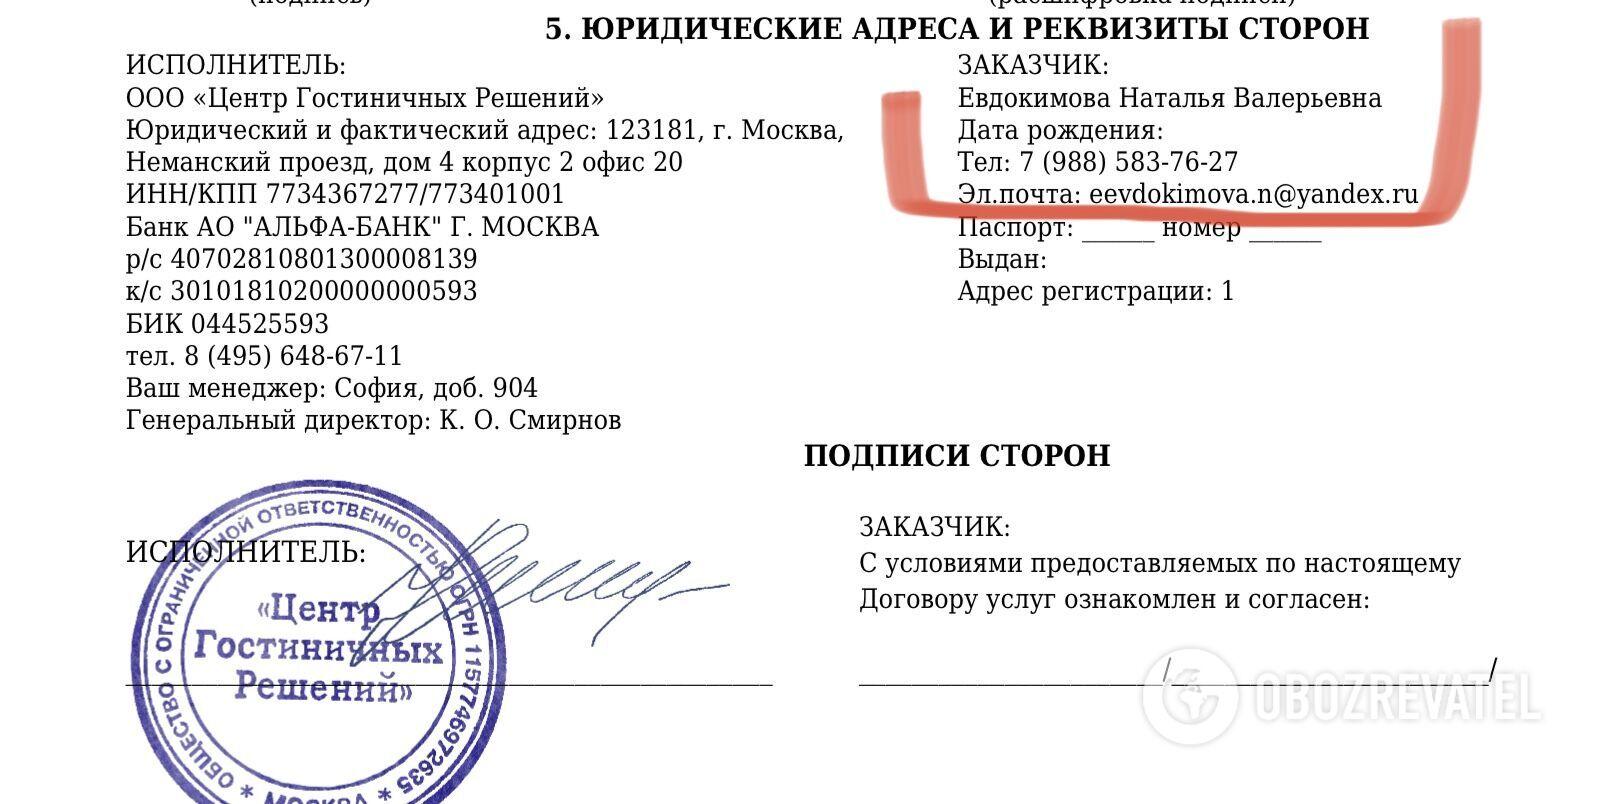 Договор на отдых в Крыму